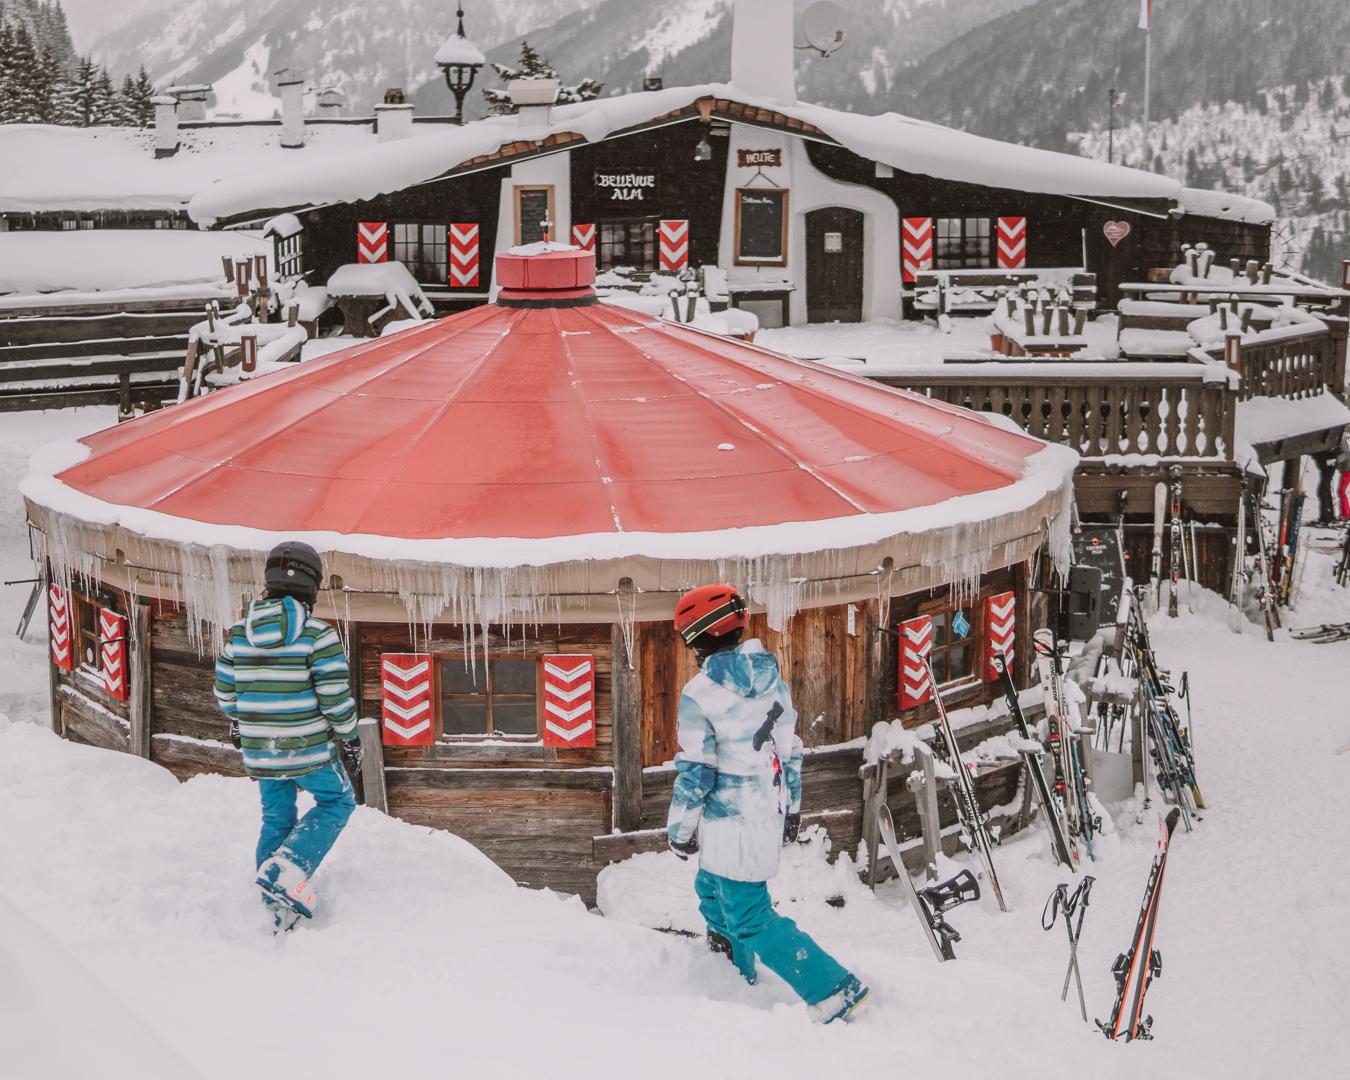 Schiefe Alm-Mountain Chalet-Bad Gastein-Skiing Austria